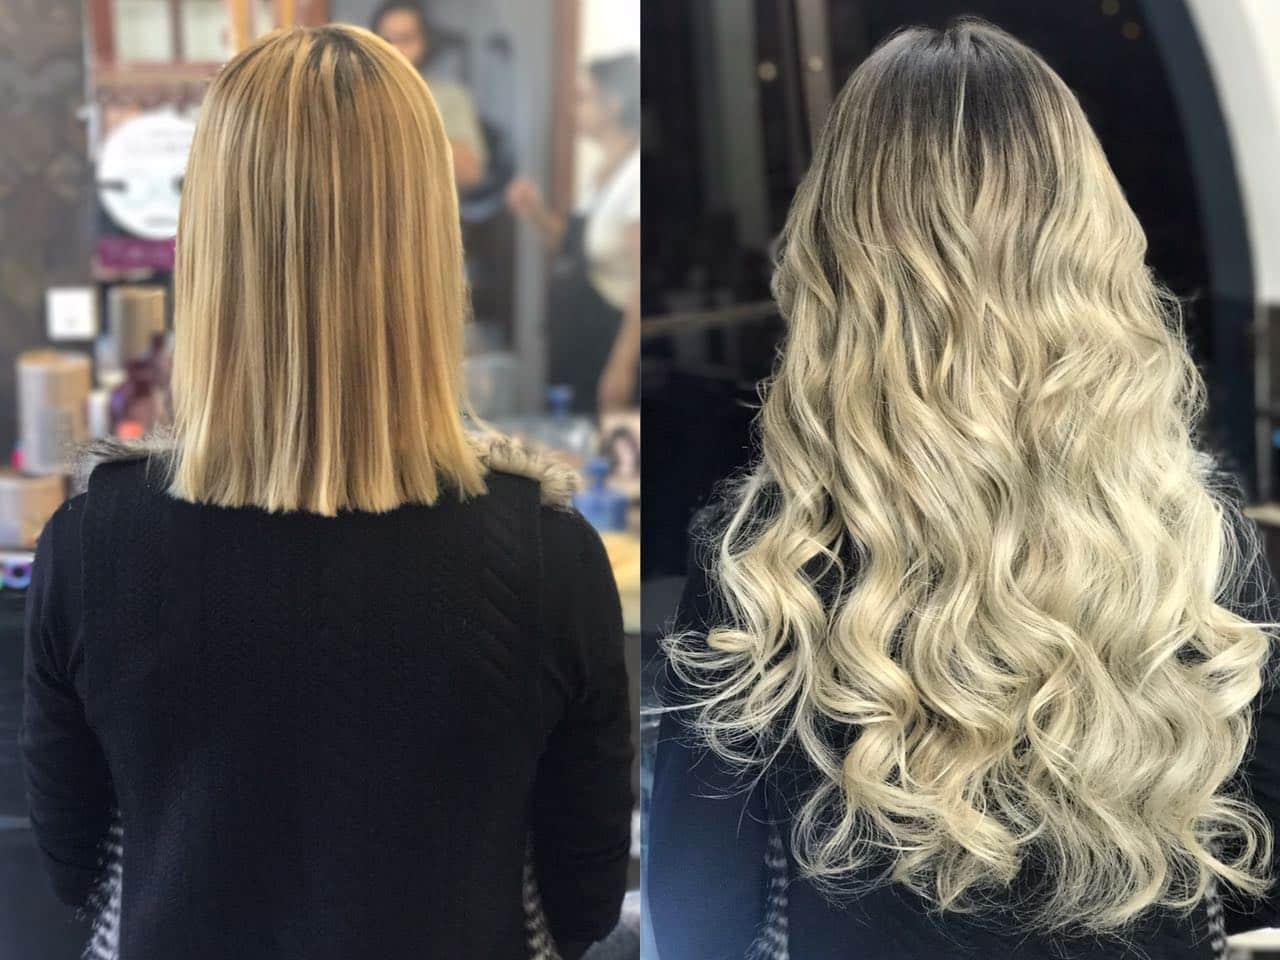 Mega hair - Como é feito, tipos, manutenção e cuidados necessarios